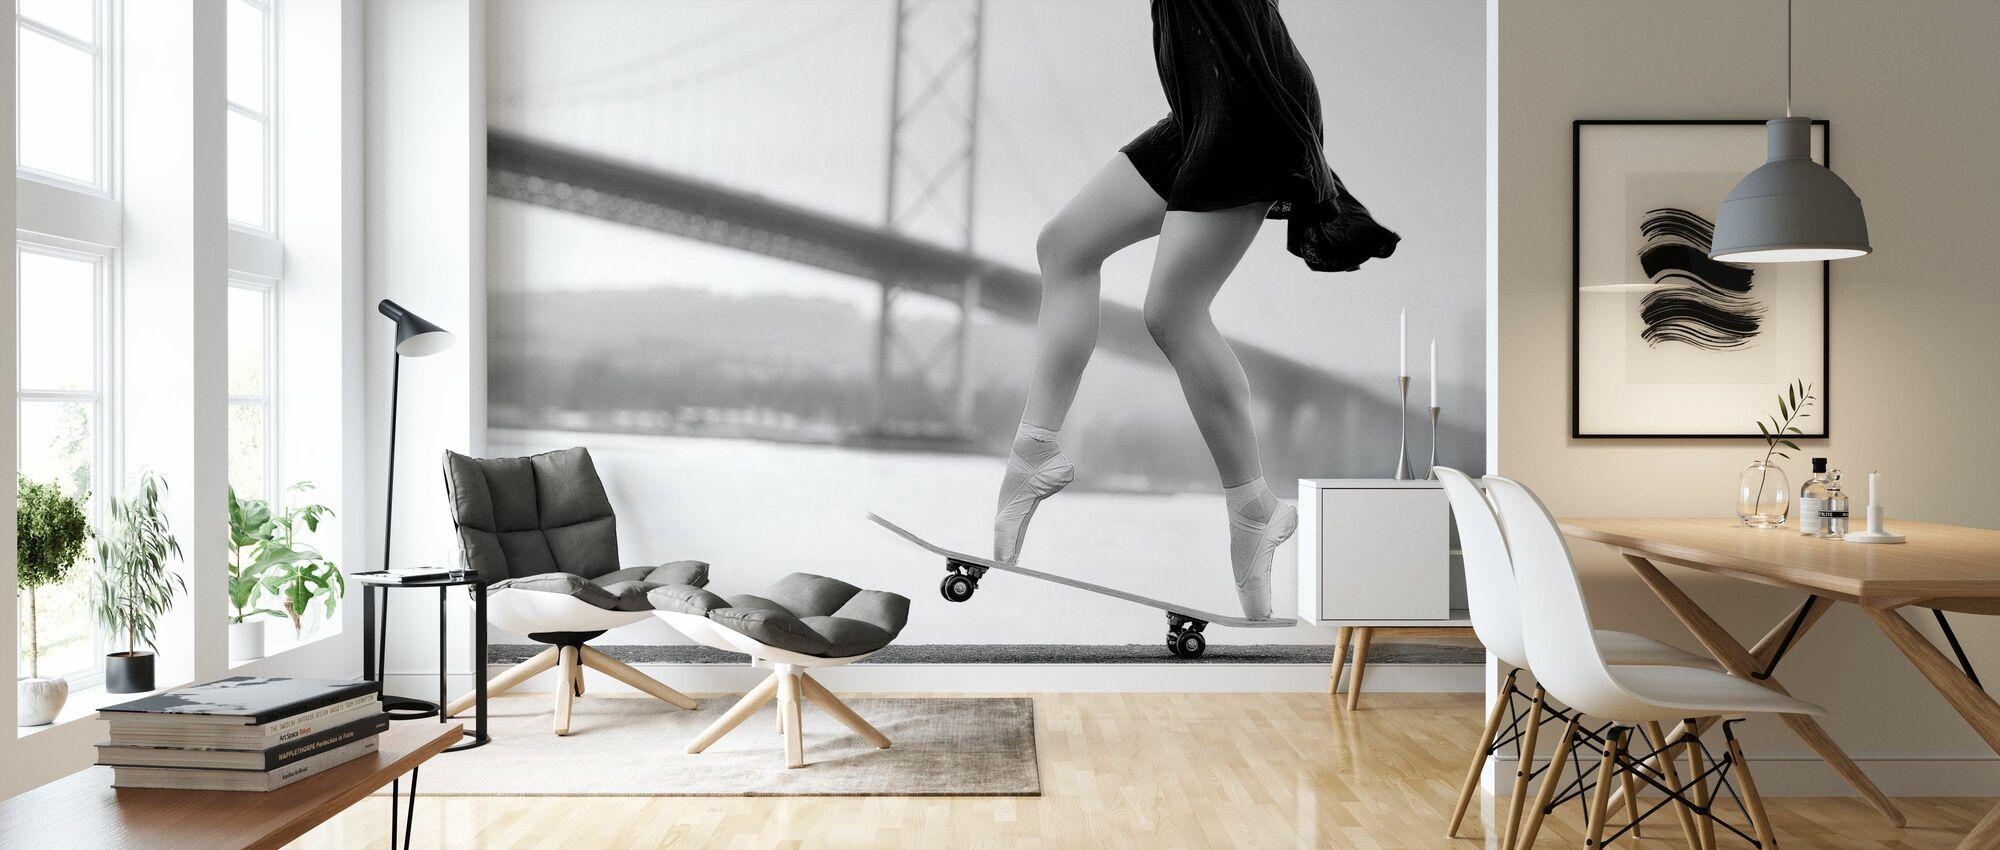 Skater Girl - Wallpaper - Living Room